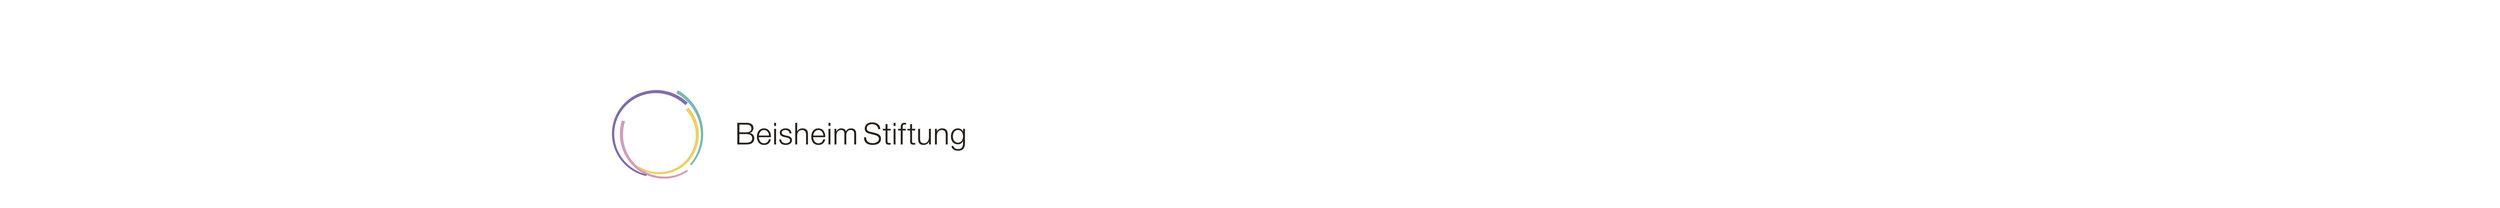 Logo_Bensheim_Stiftung hp.jpg